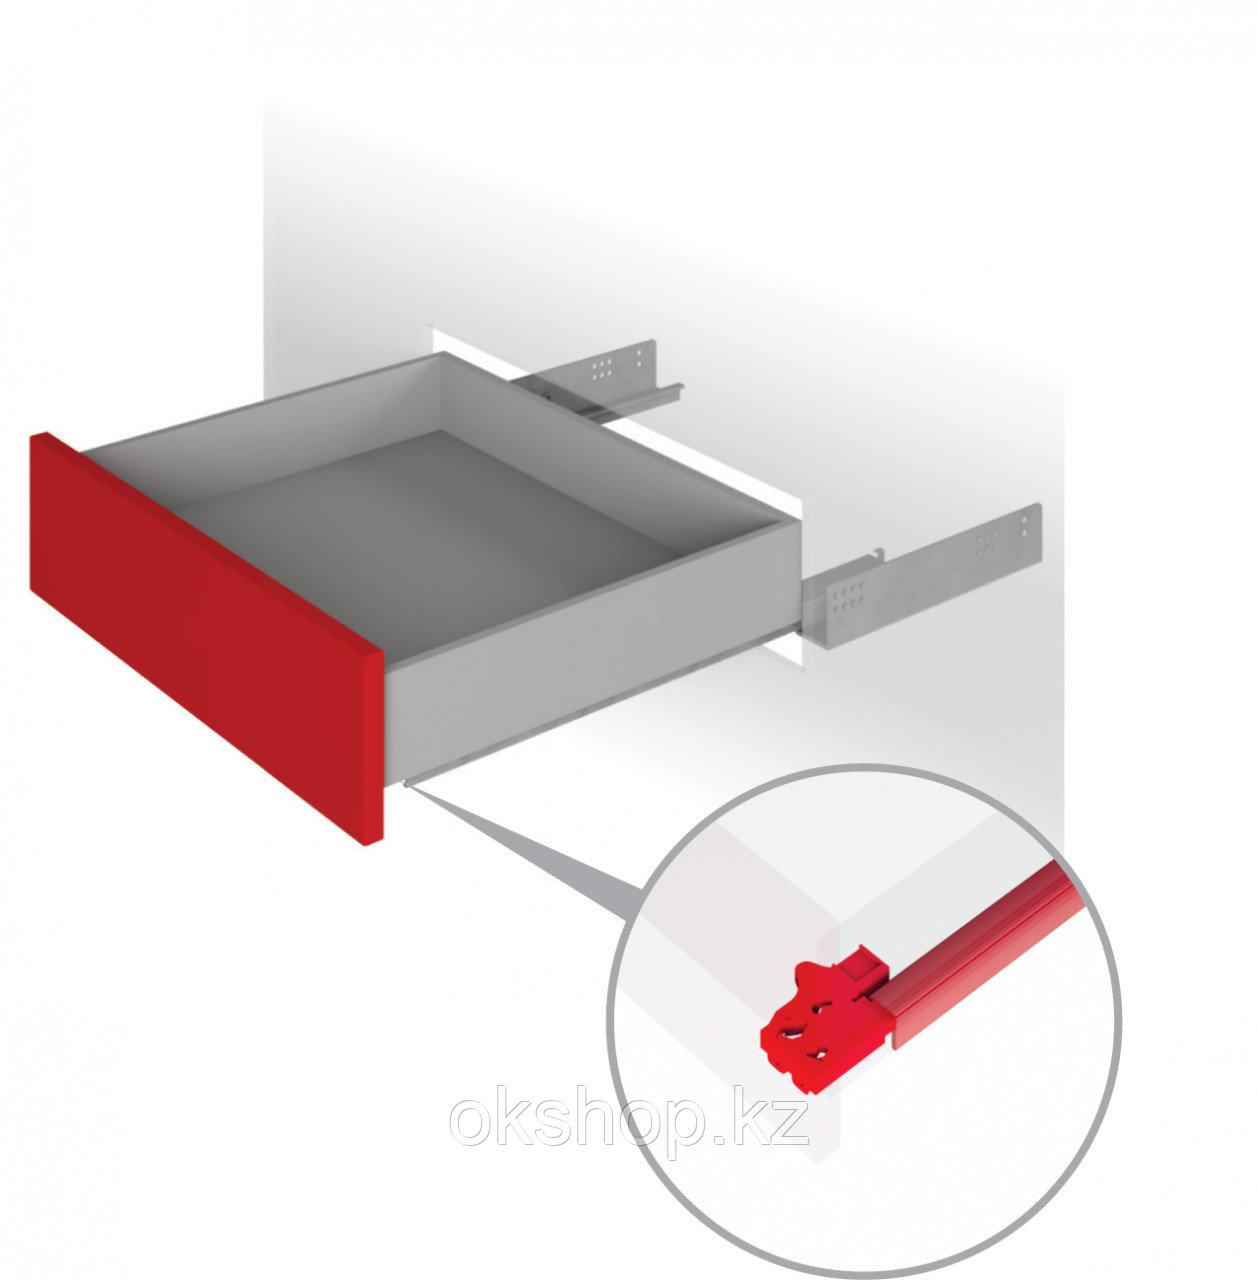 Направляющие механизмы скрытого монтажа push-to-open DB4465Zn/400